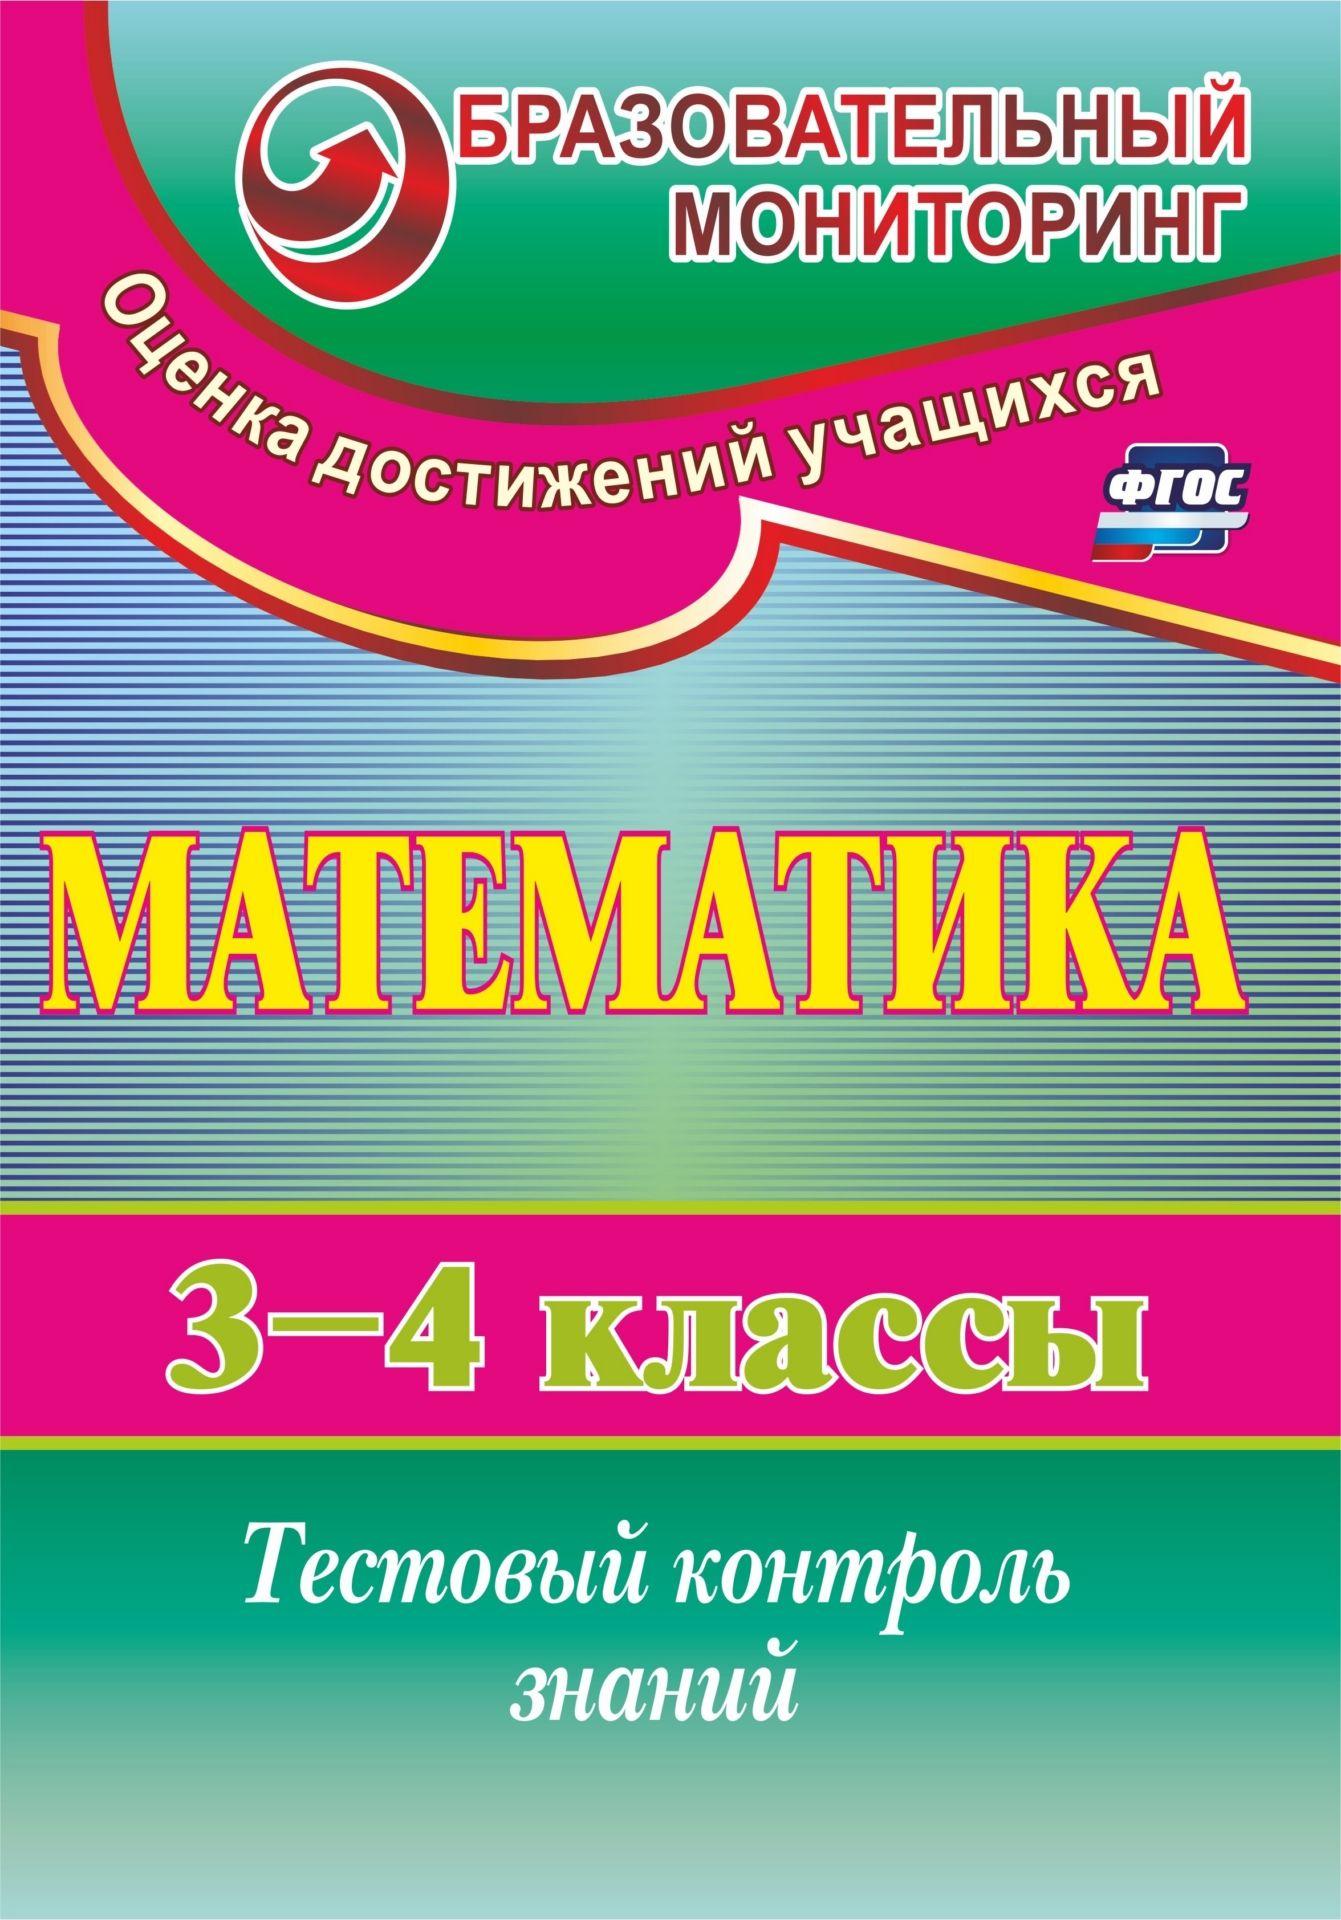 Математика. 3-4 классы: тестовый контроль знанийПредметы<br>Контроль знаний - существенный лемент современного урока. Предлагаемые разноуровневые тестовые задани по математике, разработанные с учетом требований ФГОС, позволт выснить, насколько знани учащихс 3 и 4 классов соответствут основным программным тр...<br><br>Авторы: Глинска Н. В.<br>Год: 2016<br>Сери: Образовательный мониторинг. Оценка достижений учащихс<br>ISBN: 978-5-7057-2831-2, 978-5-7057-4528-9<br>Высота: 285<br>Ширина: 203<br>Толщина: 2<br>Переплёт: мгка, склейка